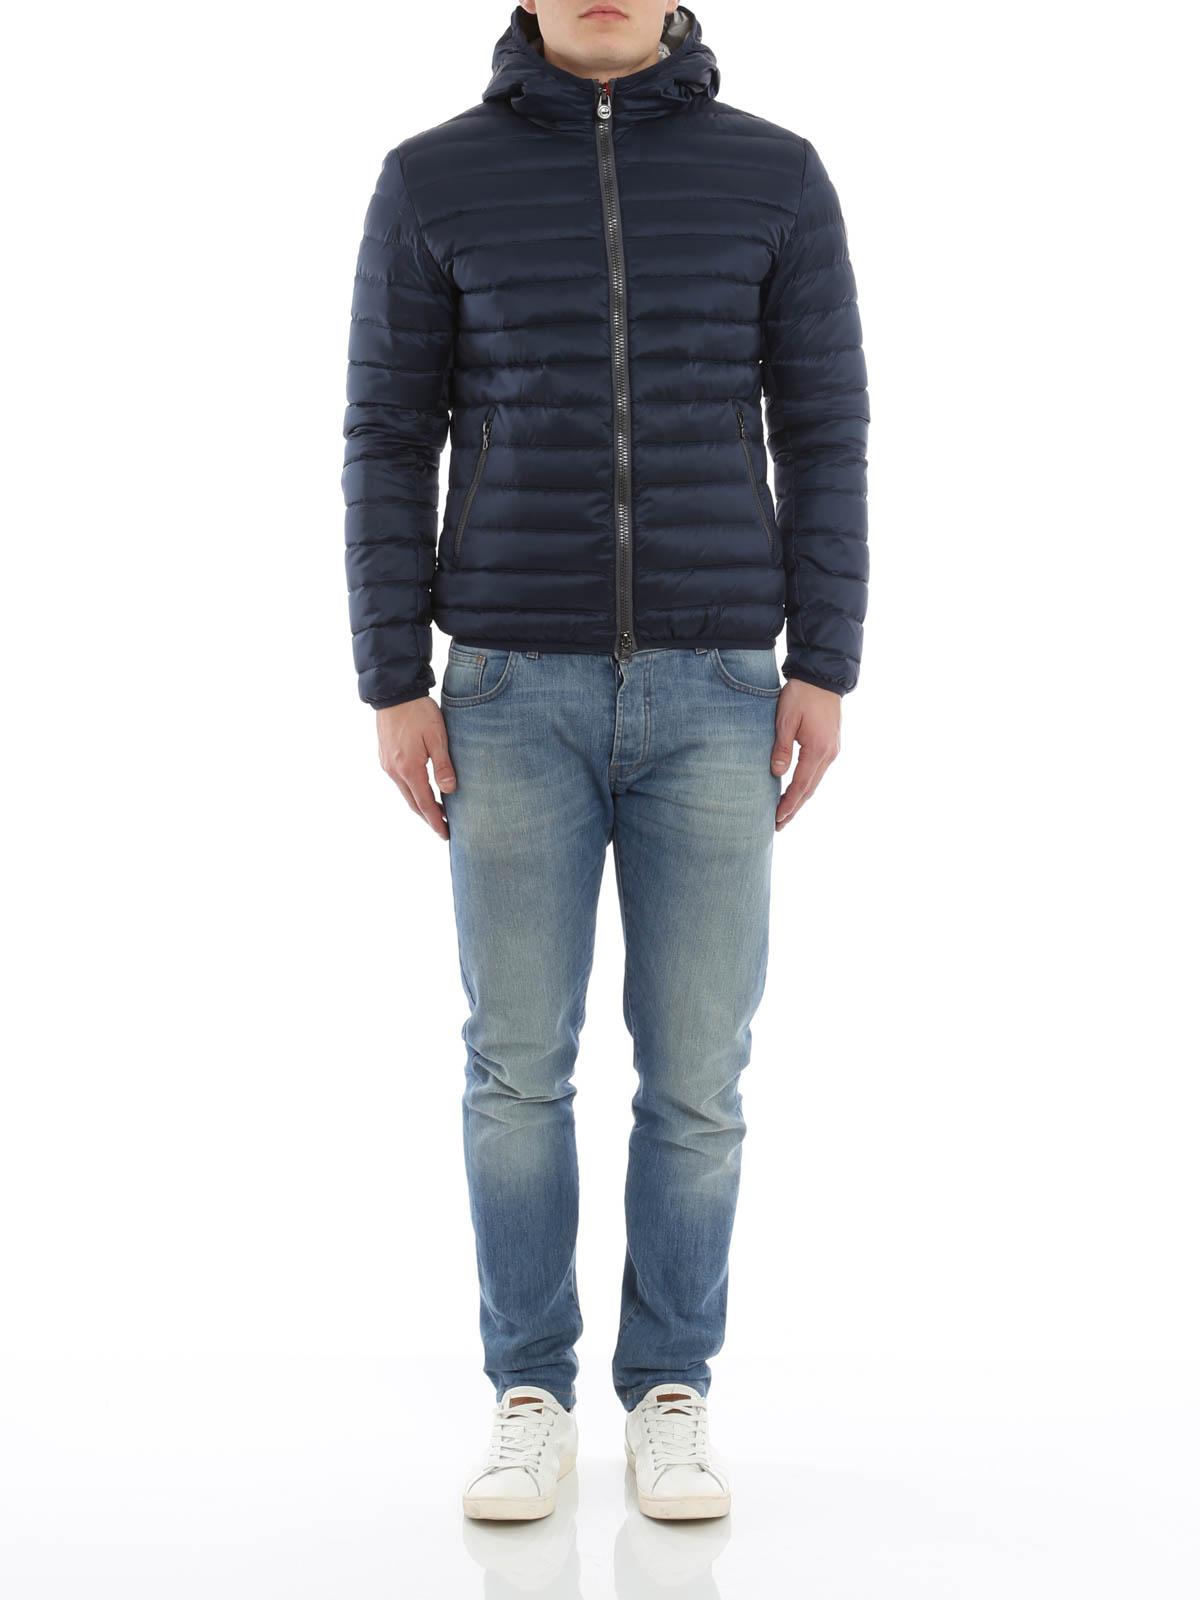 Colmar Piumino con cappuccio giacche imbottite 1277 1MQ 68